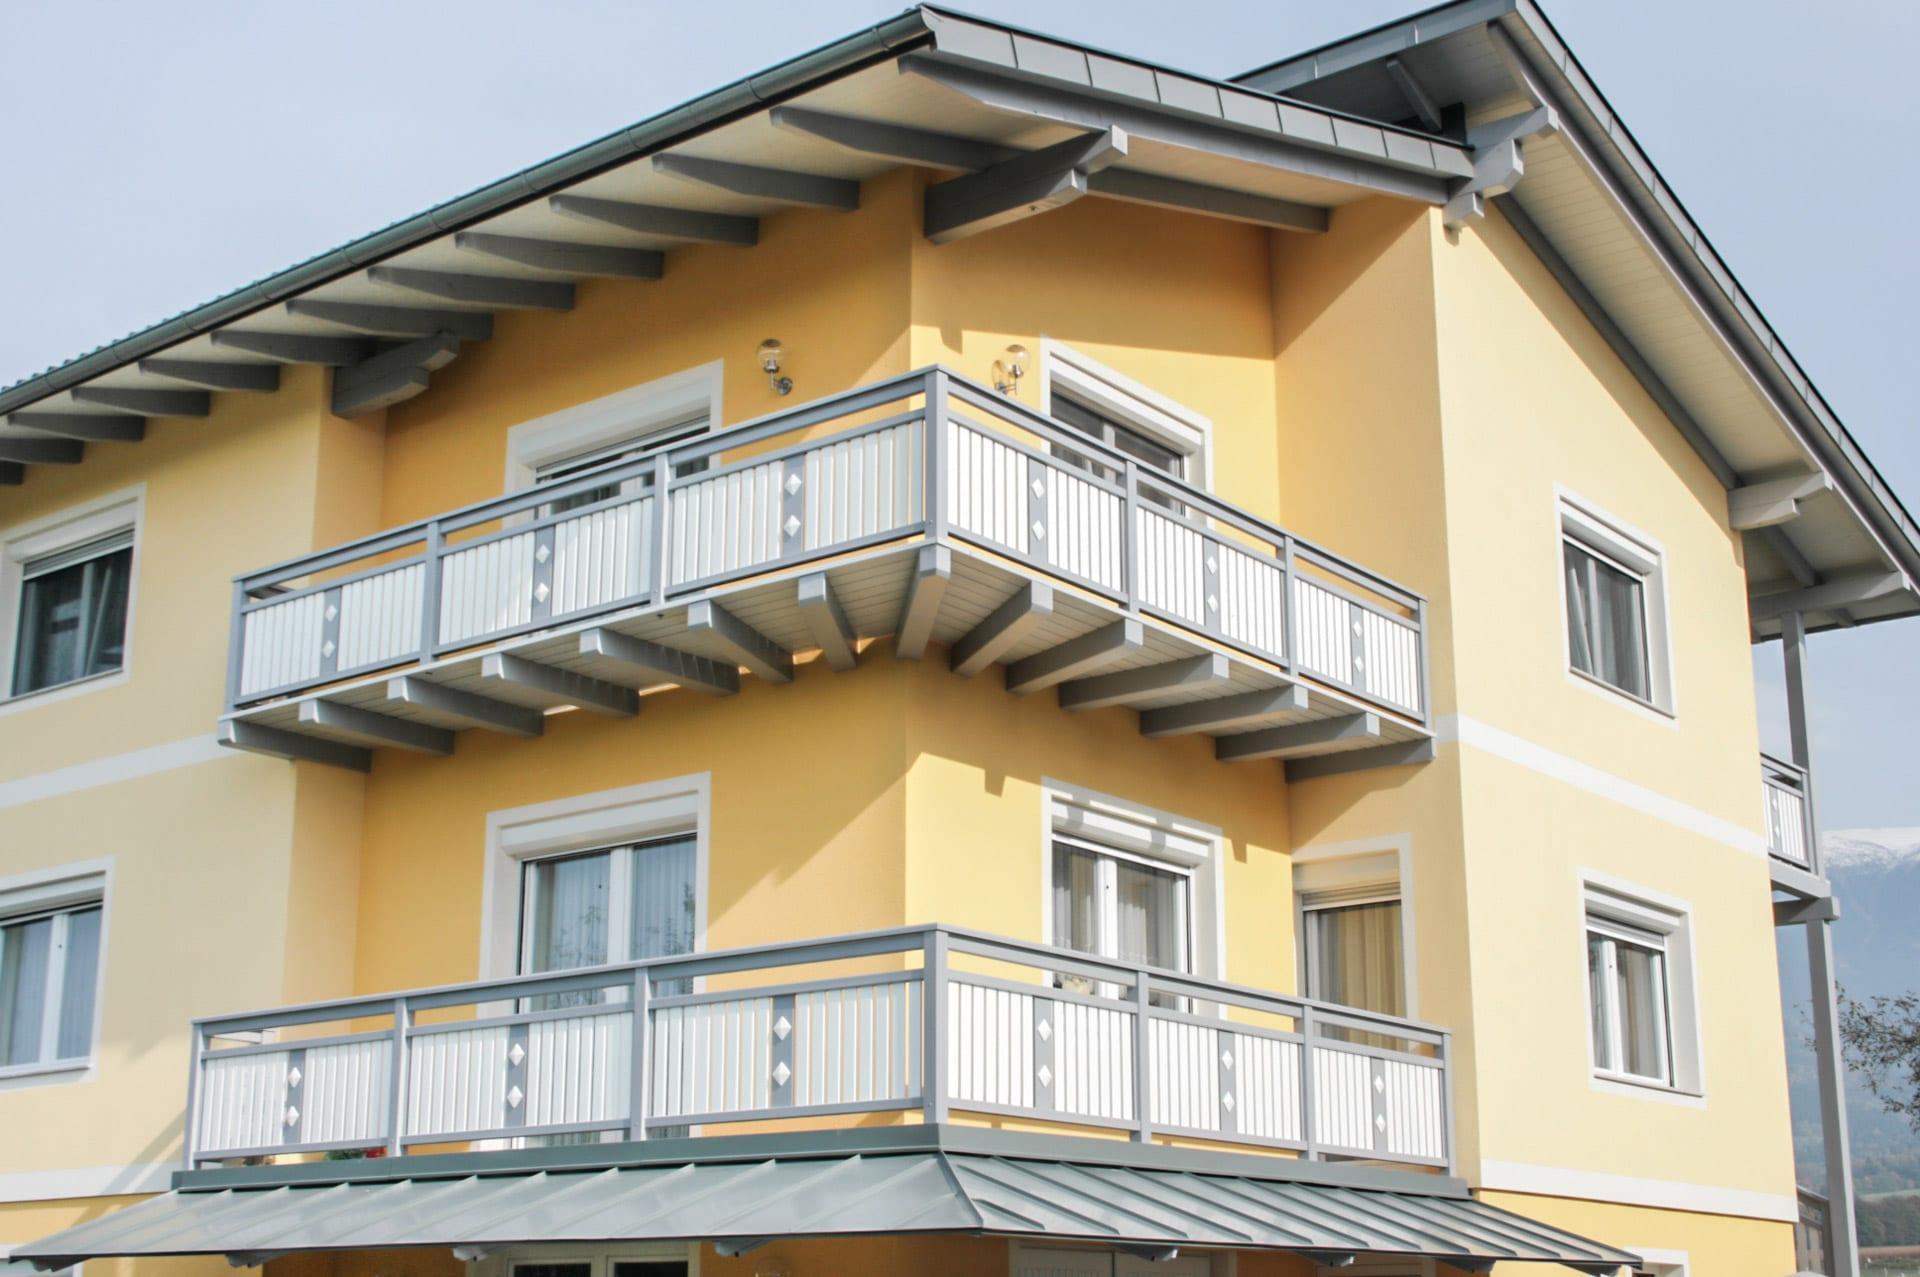 Lustenau 23   Alu Außengeländer mit Latten vertikal weiß & grauer Dekorlatte mit 2 Knöpfen   Svoboda